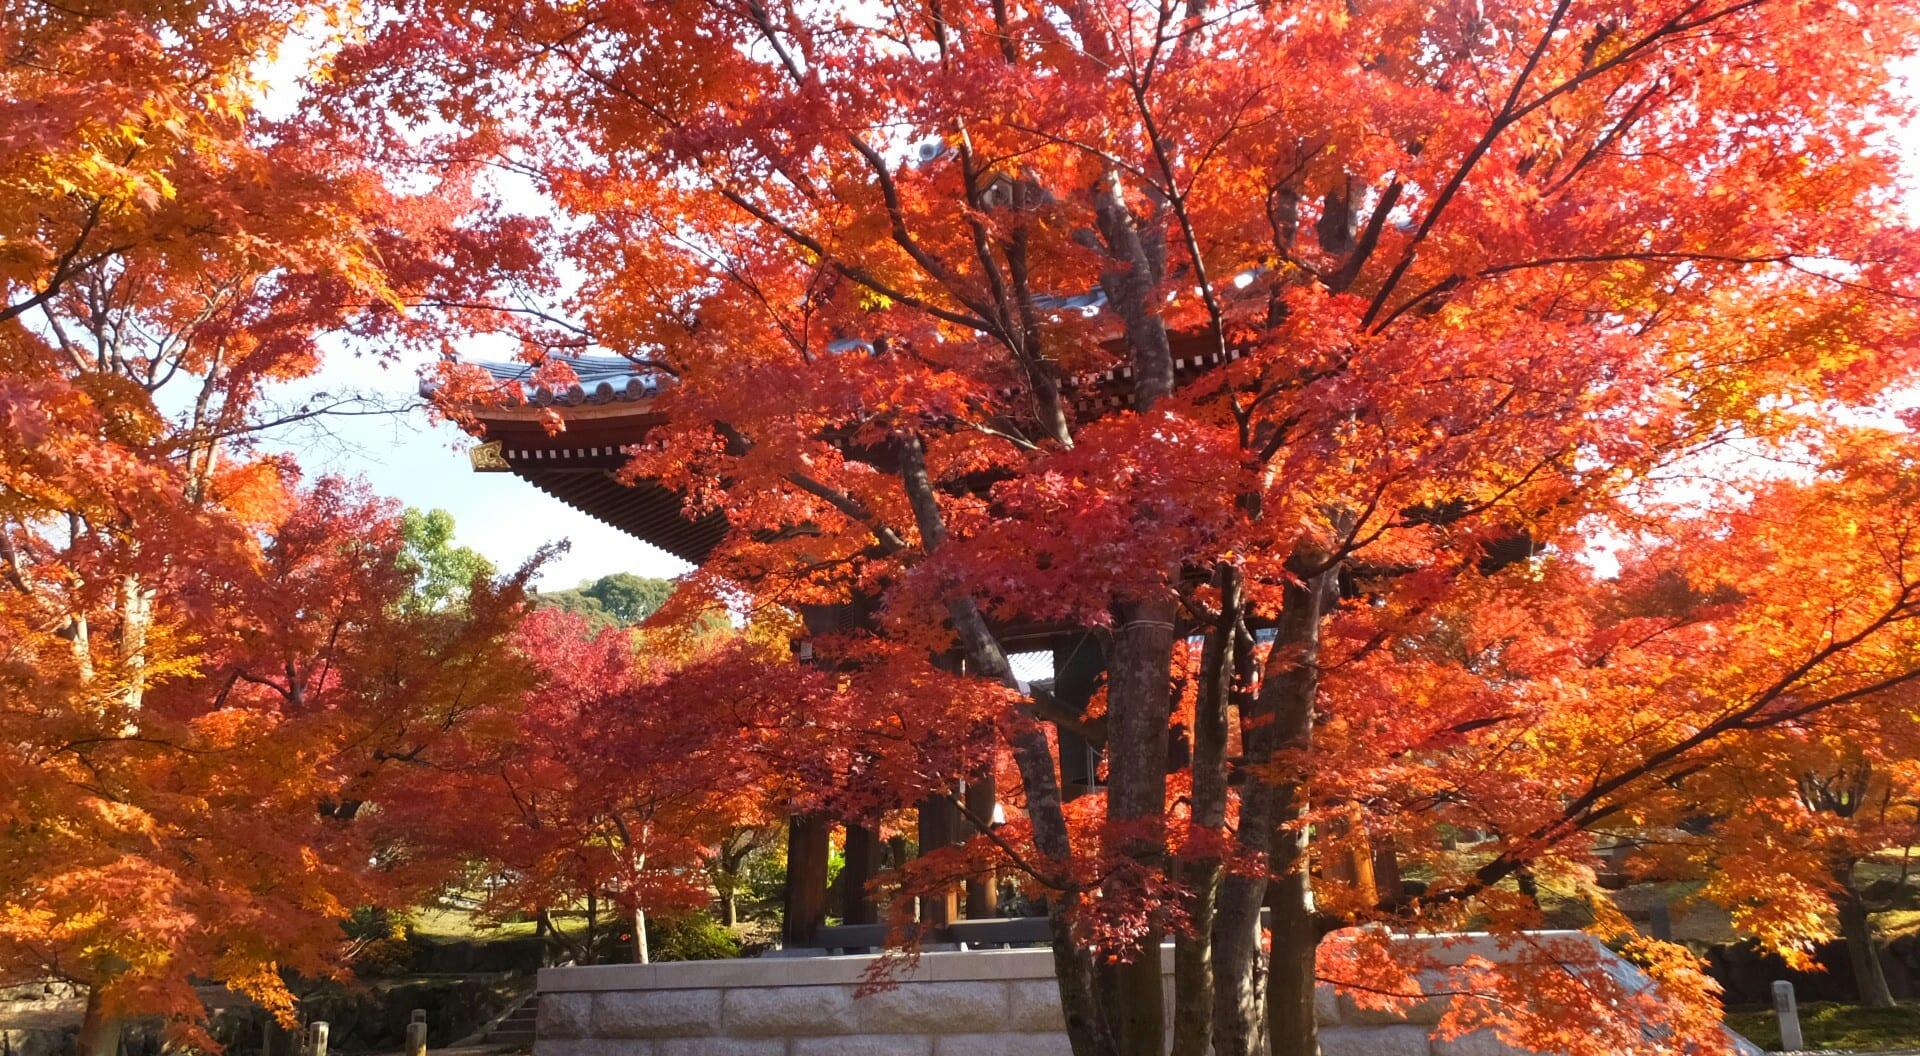 智積院紅葉 終盤 - 京都で定年後生活